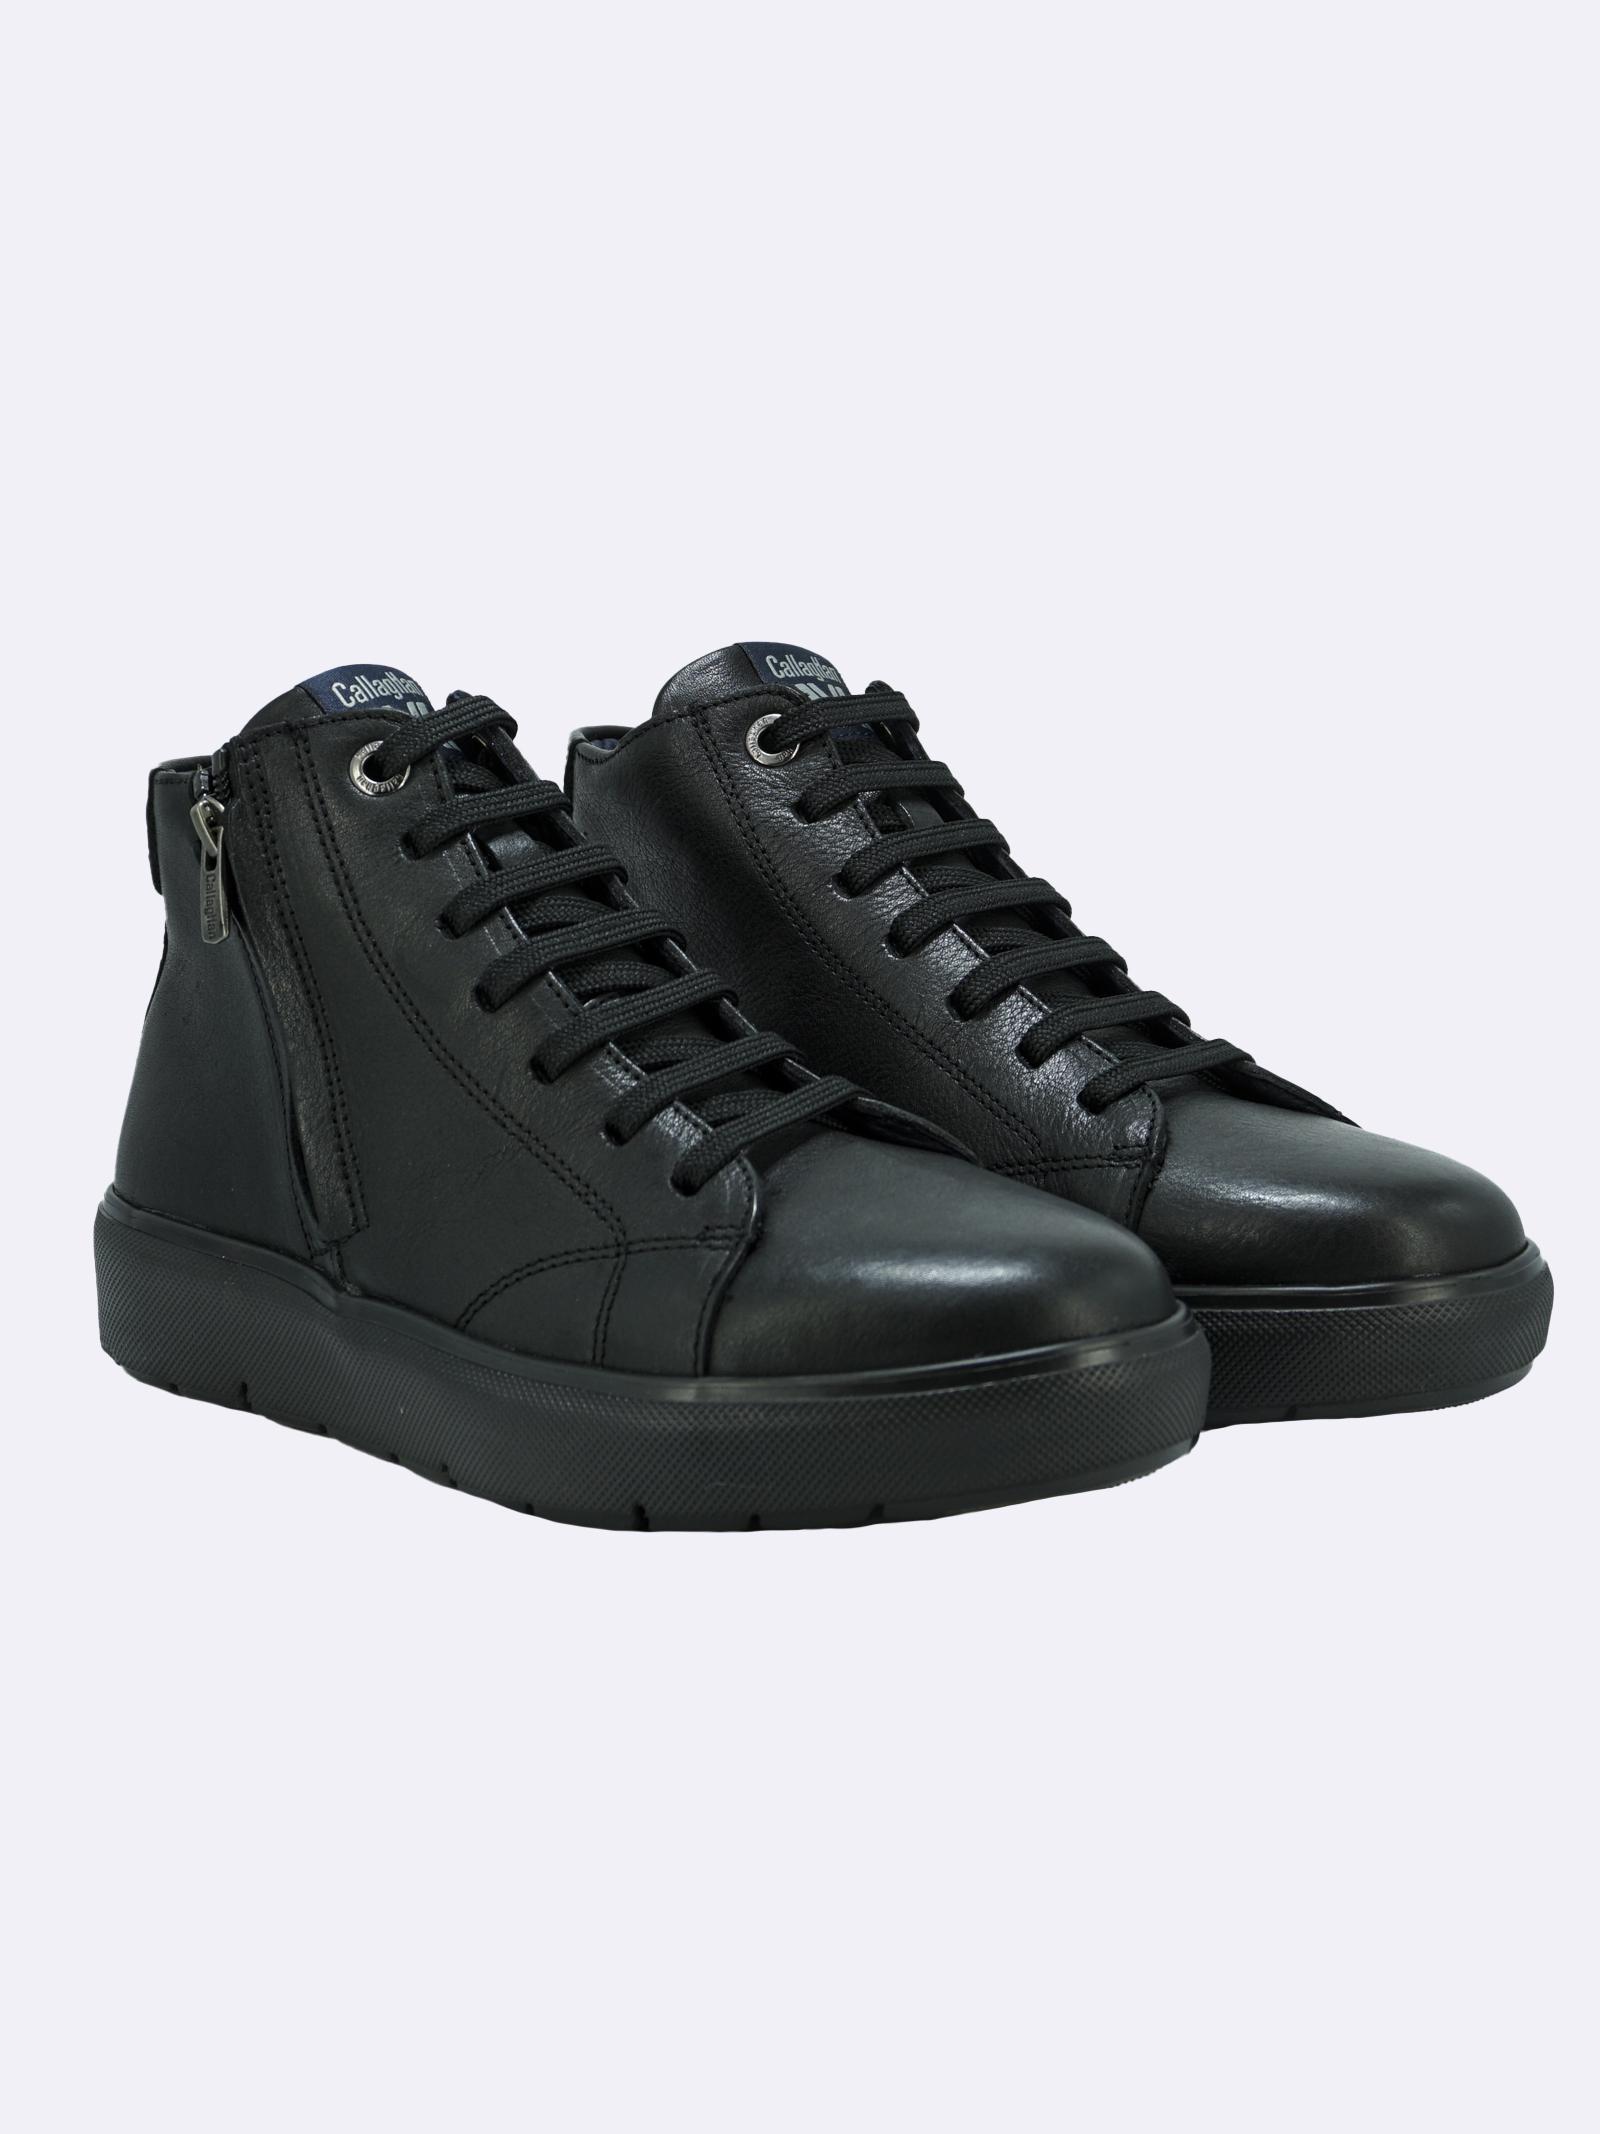 Stivaletto Sneakers Uomo in Pelle Nera con Lacci e Zip Callaghan | Stivaletti | 45510NERO